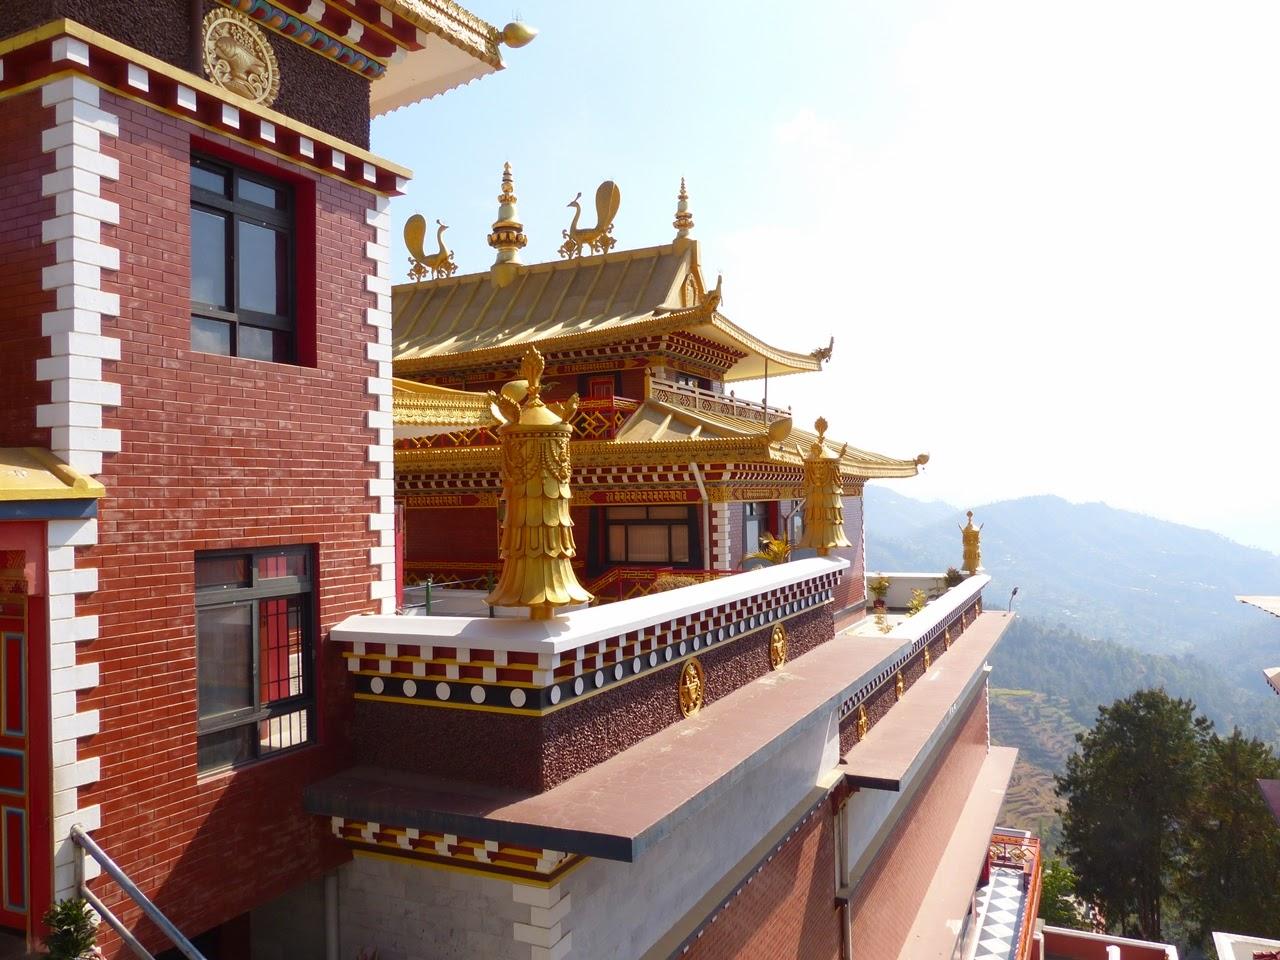 Tibetan Buddhist monastery at Namobudda, Nepal